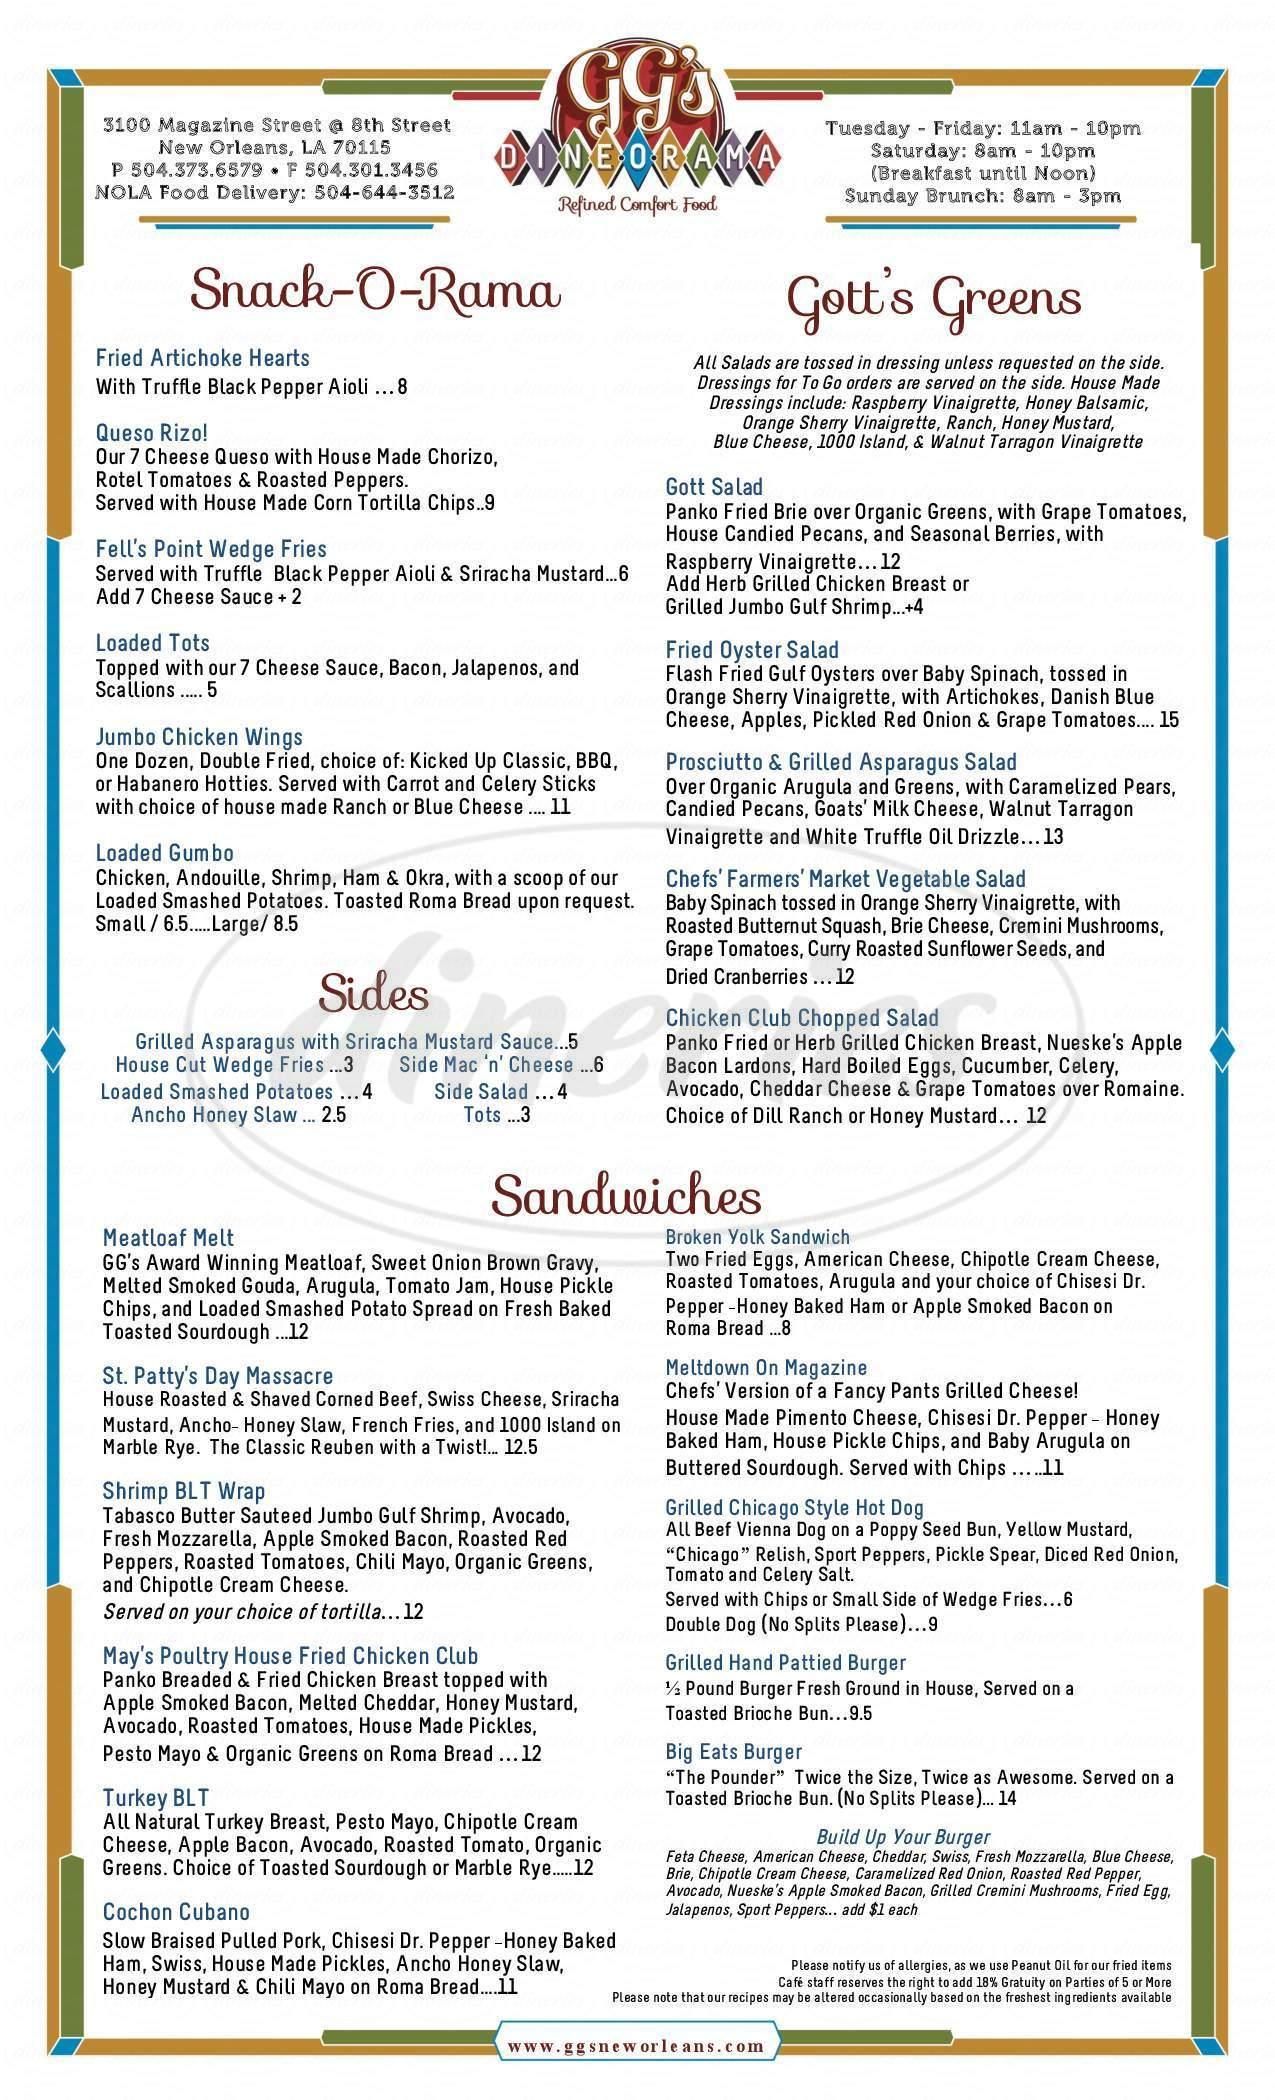 menu for Gott Gourmet Cafe